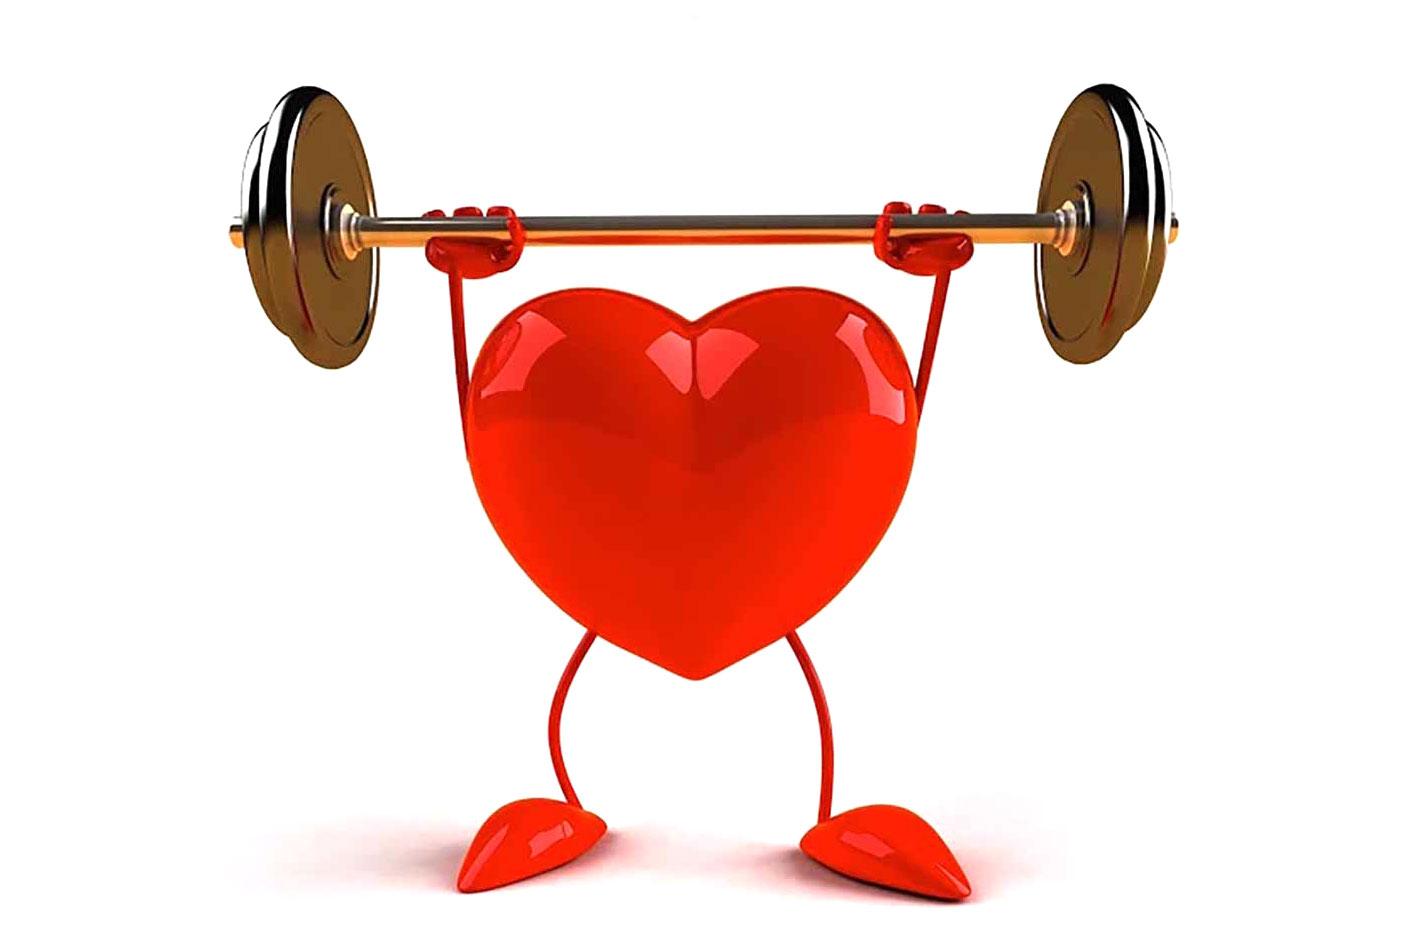 Chạy bộ sẽ giúp quả tim của bạn khỏe mạnh hơn nhiều